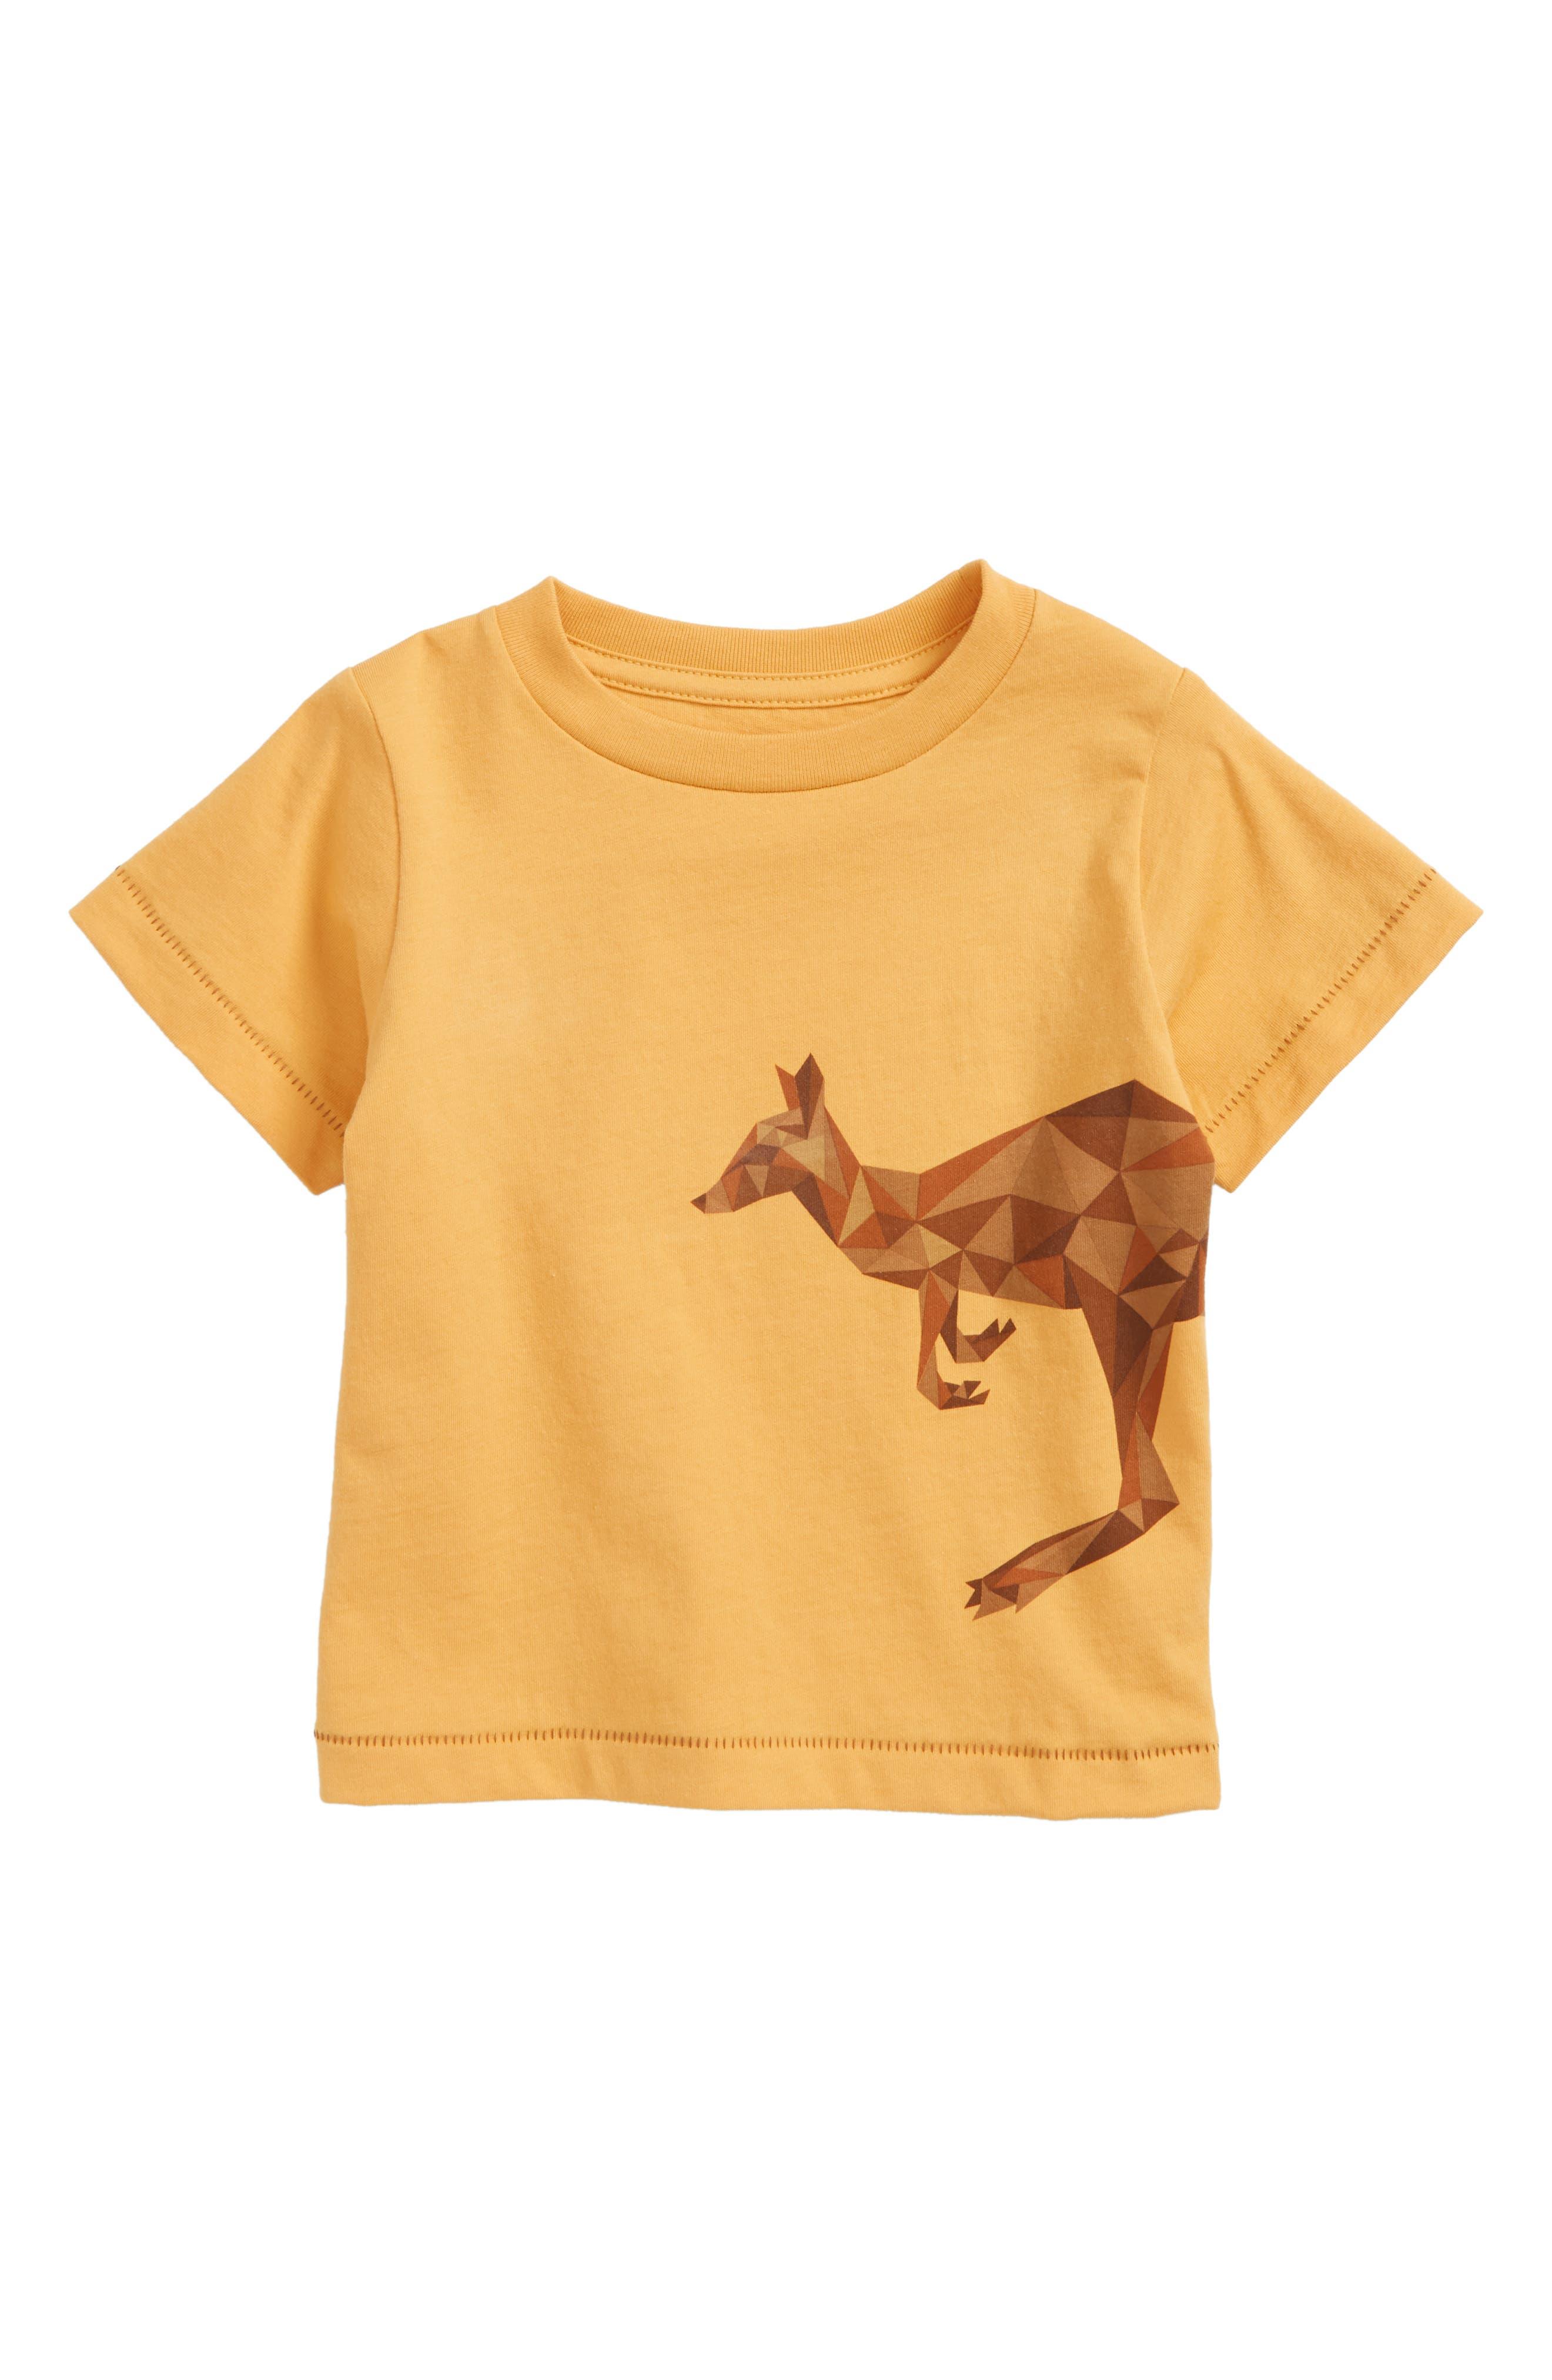 Main Image - Peek Kangaroo Graphic T-Shirt (Baby Boys)